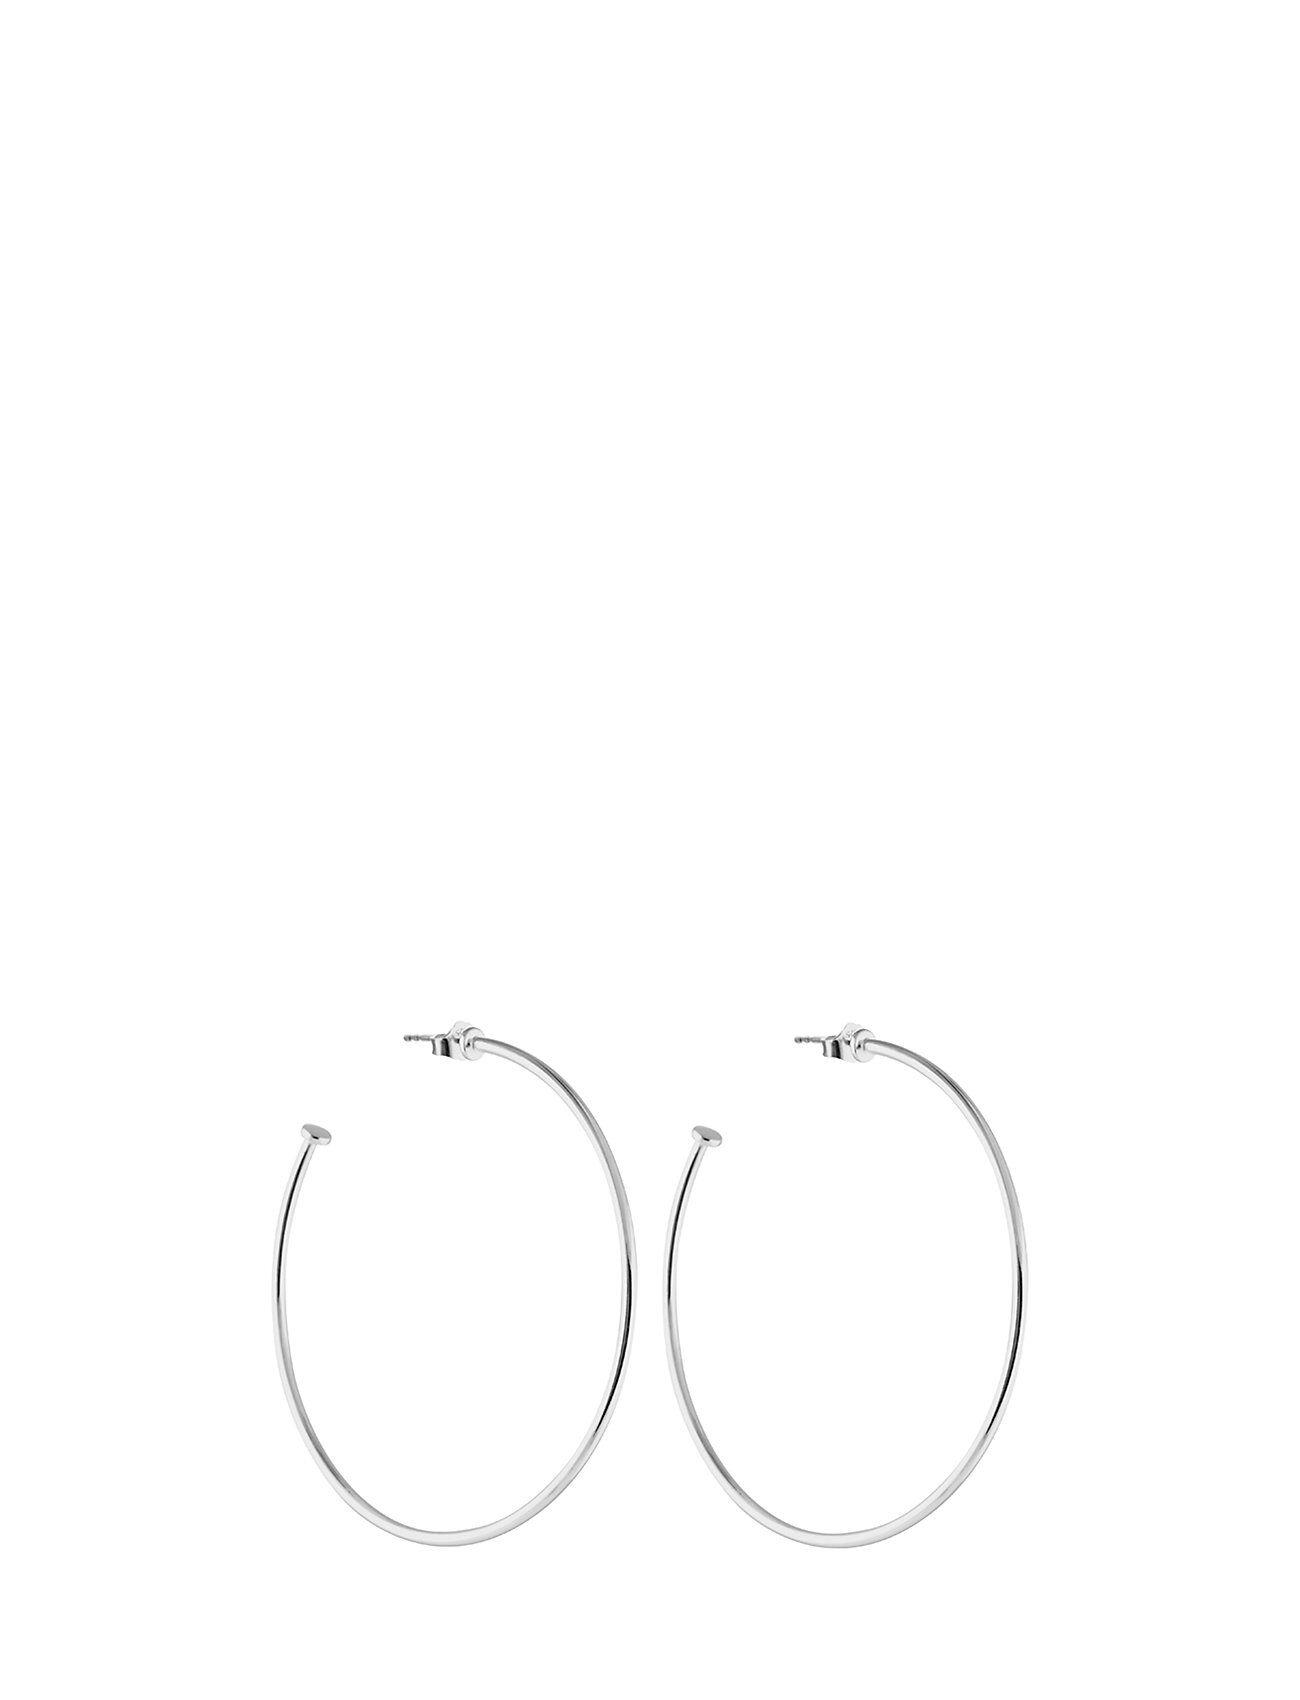 SOPHIE by SOPHIE Hoops Plate Large Accessories Jewellery Earrings Studs Hopea SOPHIE By SOPHIE